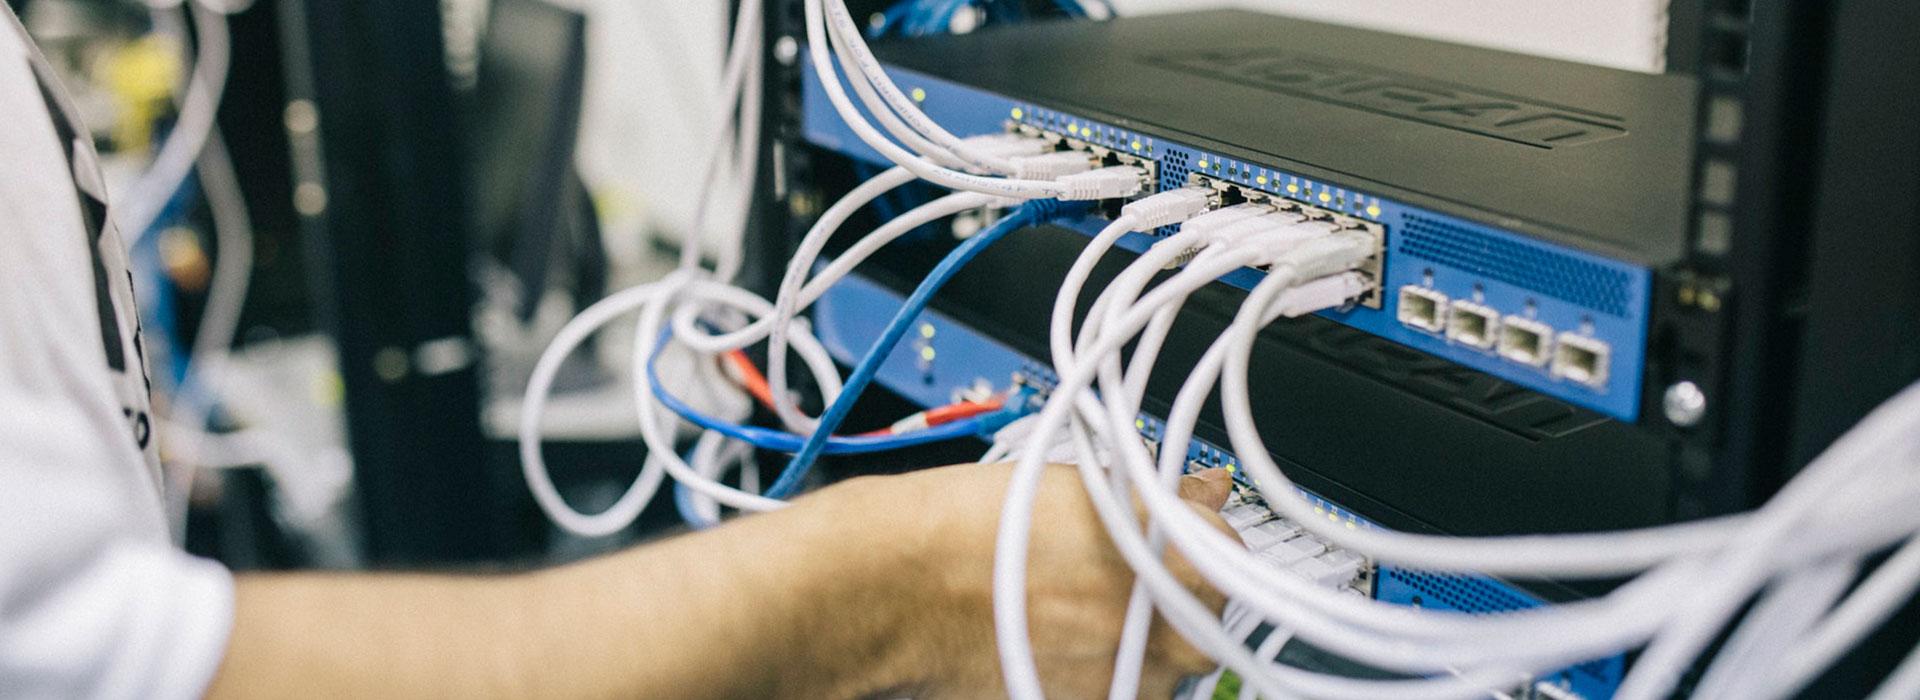 empresa-mantenimiento-redes-informaticas-granada